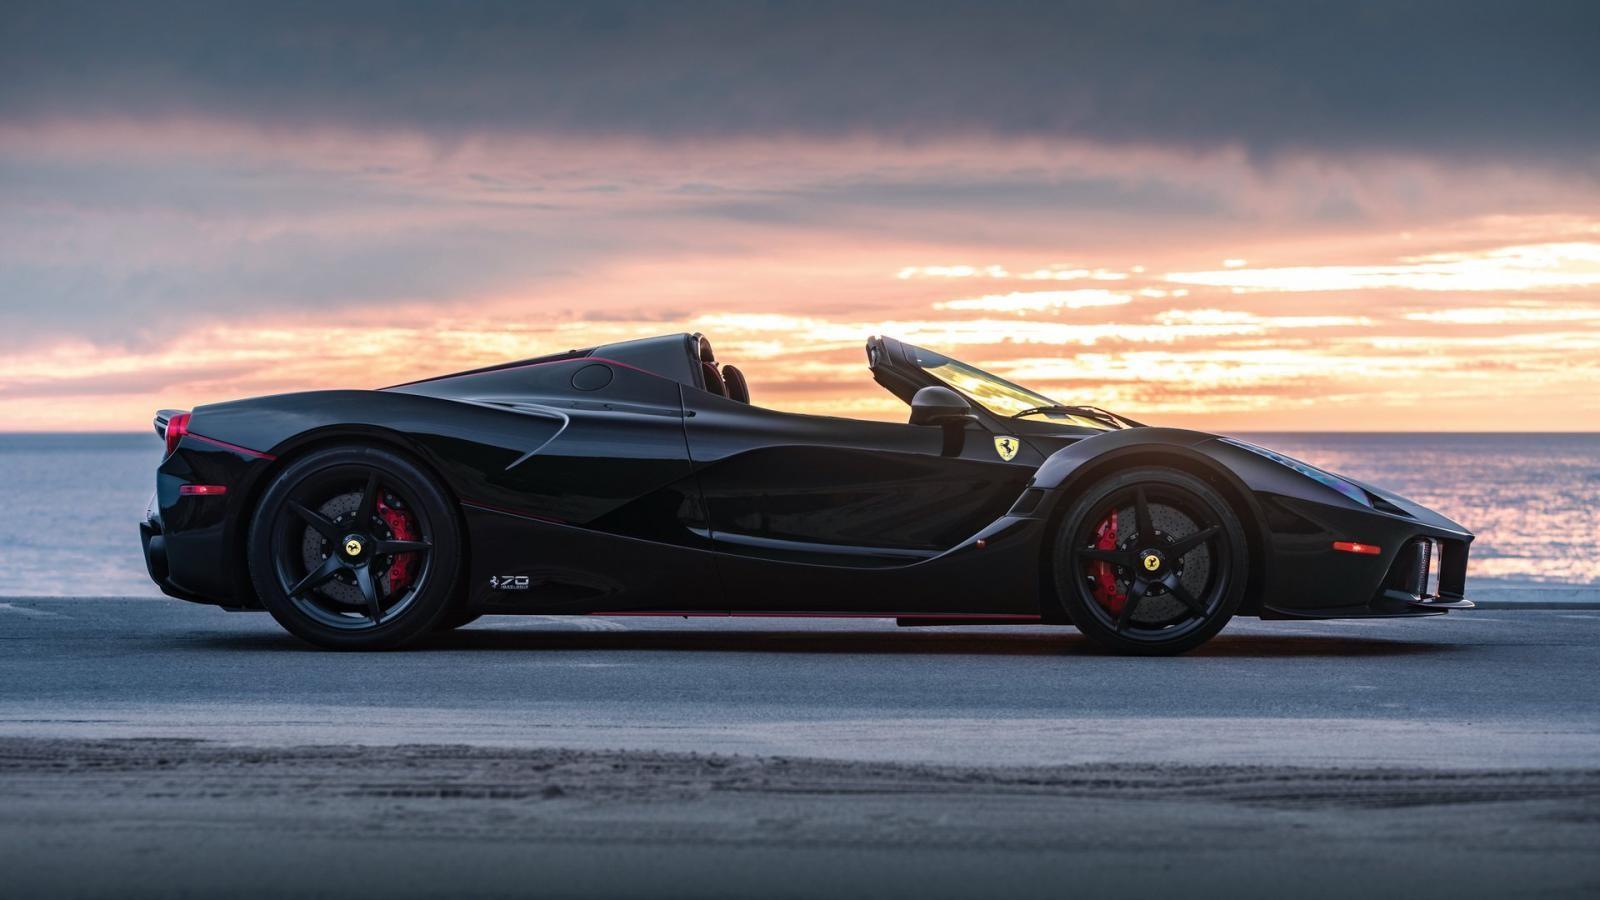 Không phải ai cũng có may mắn để mua Ferrari LaFerrari Aperta chỉ có 210 chiếc được sản xuất